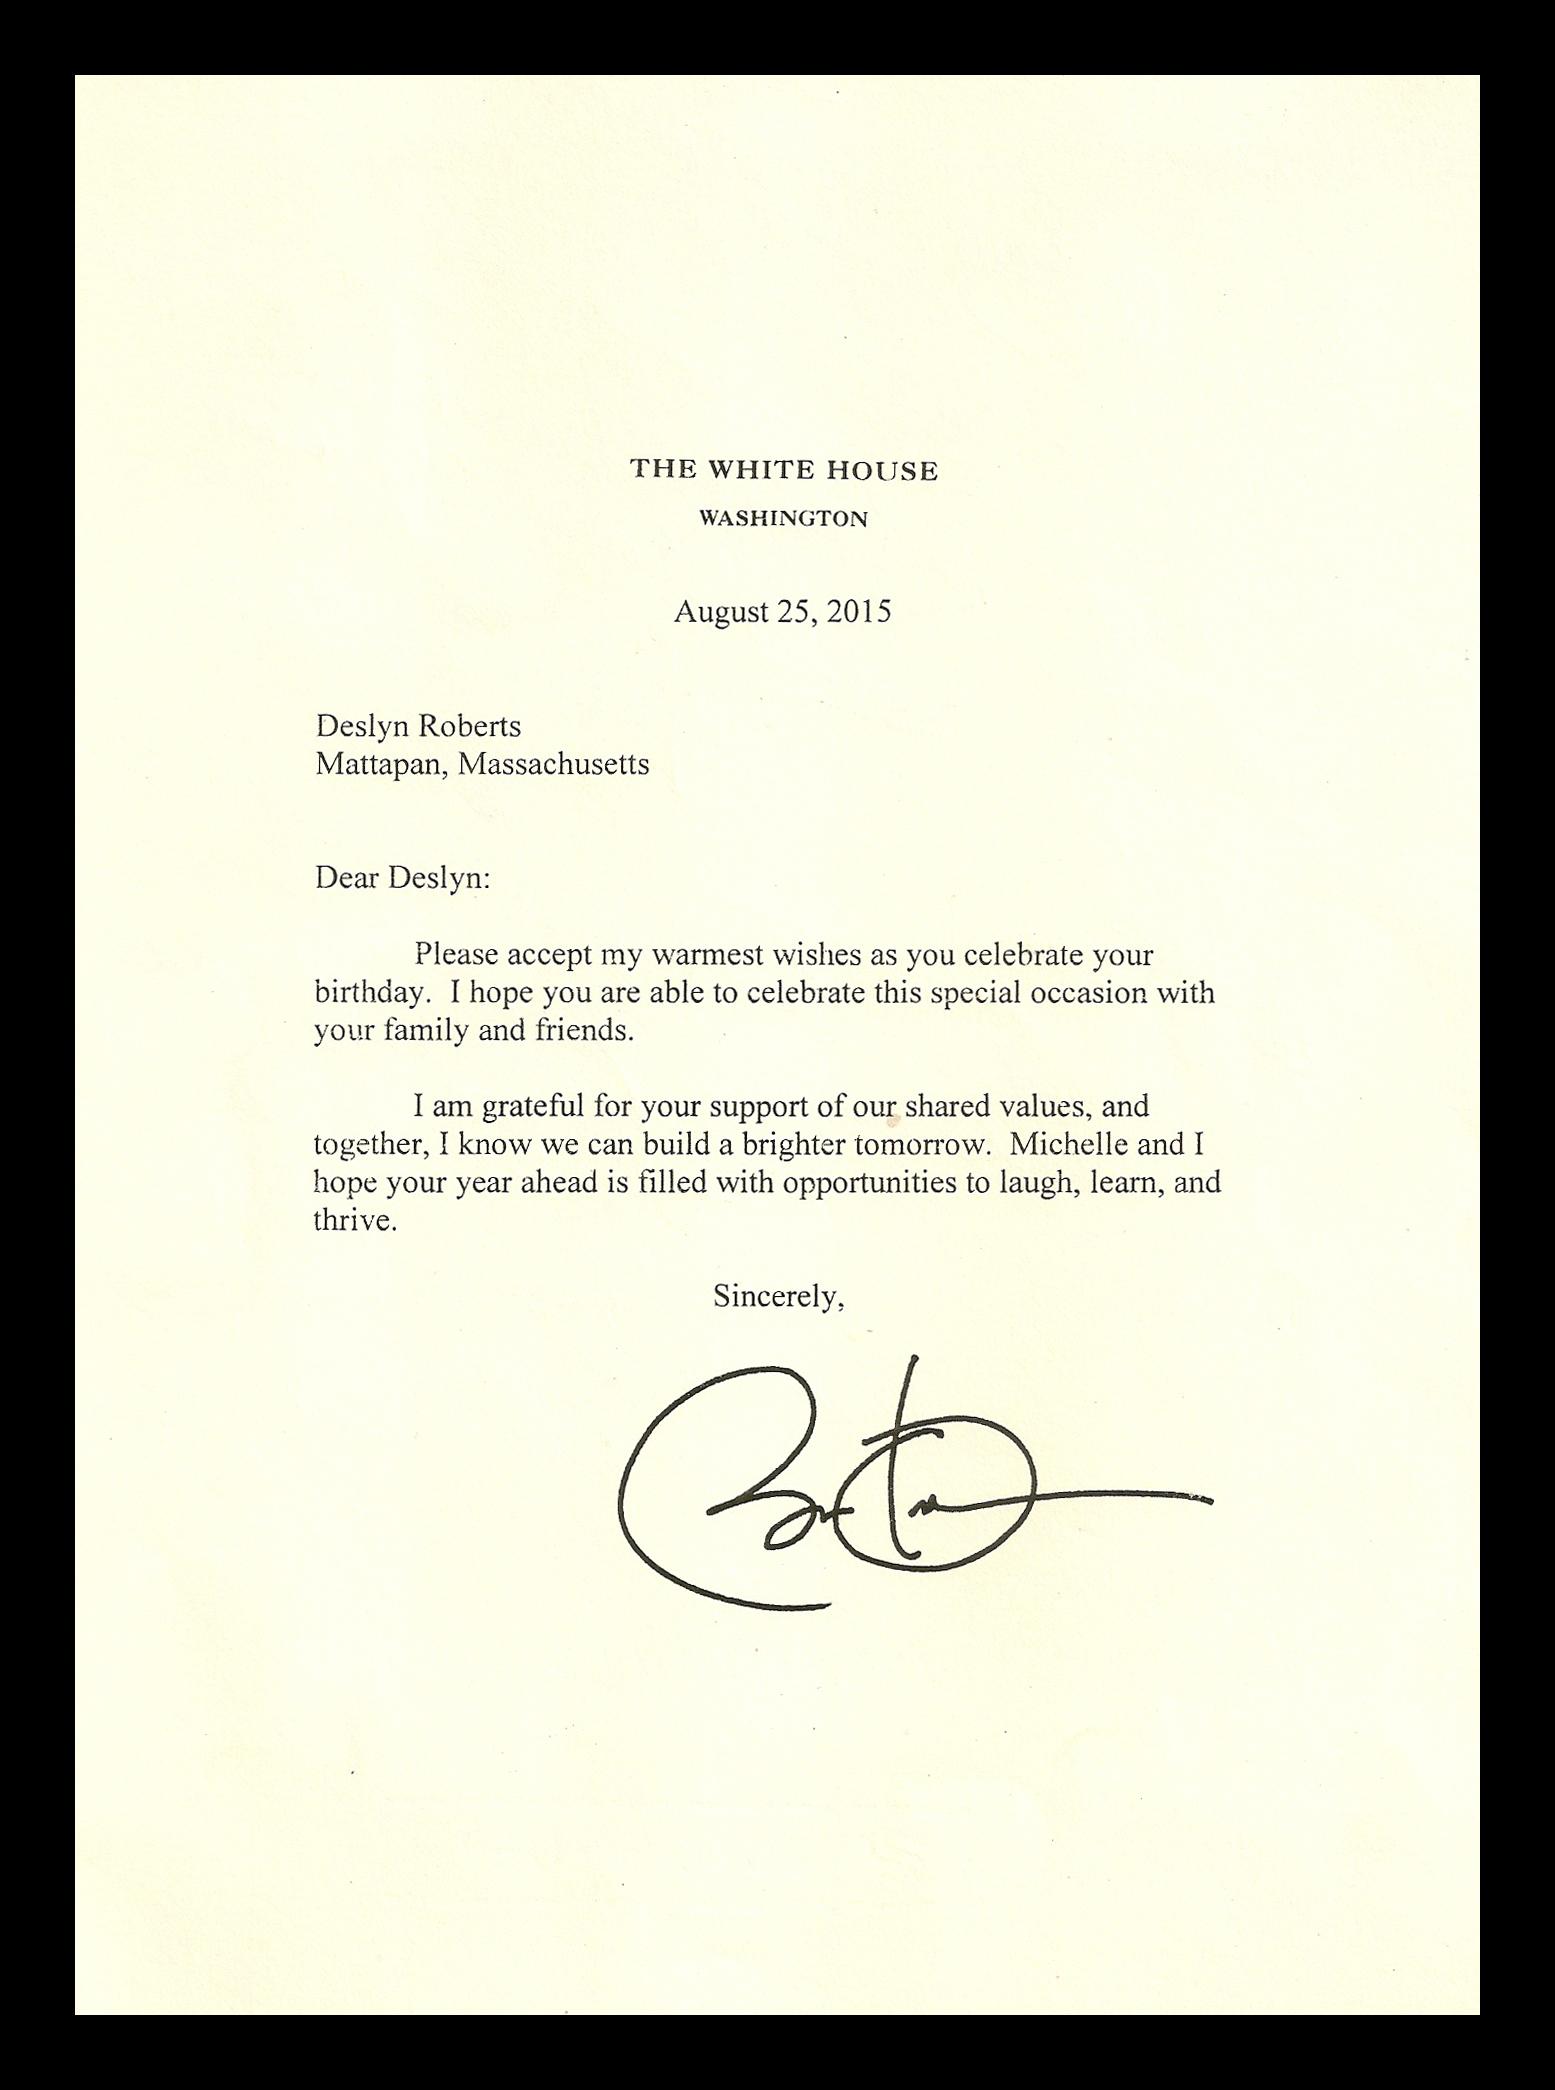 Letter From Obama.jpg